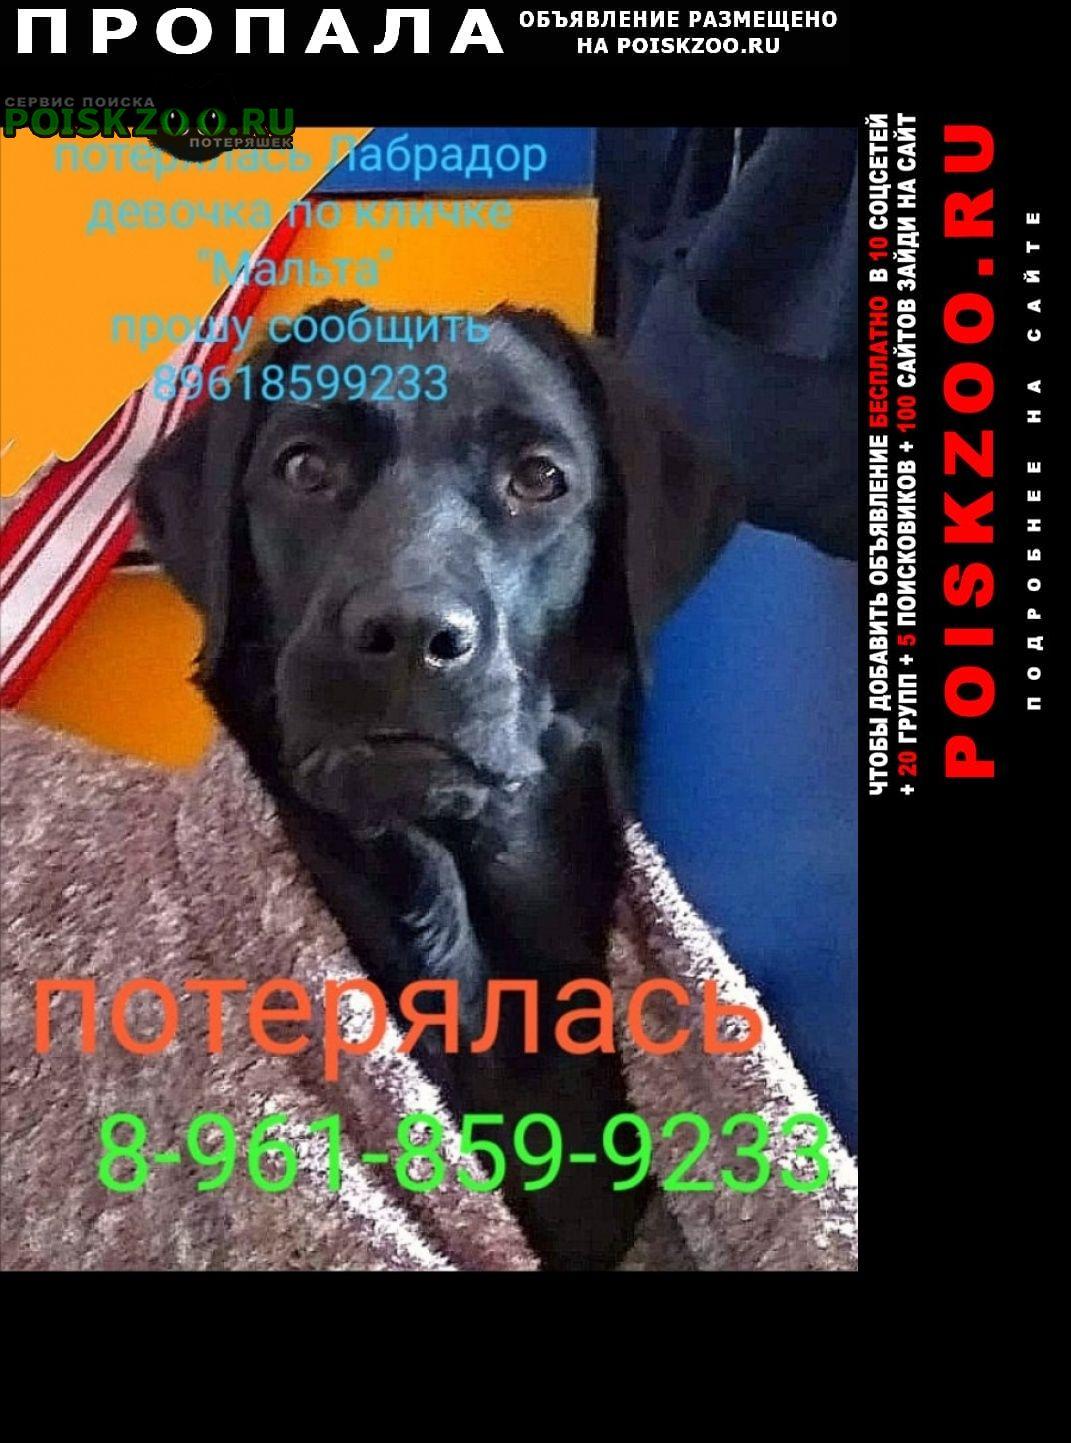 Пропала собака лабрадор девочка Краснодар